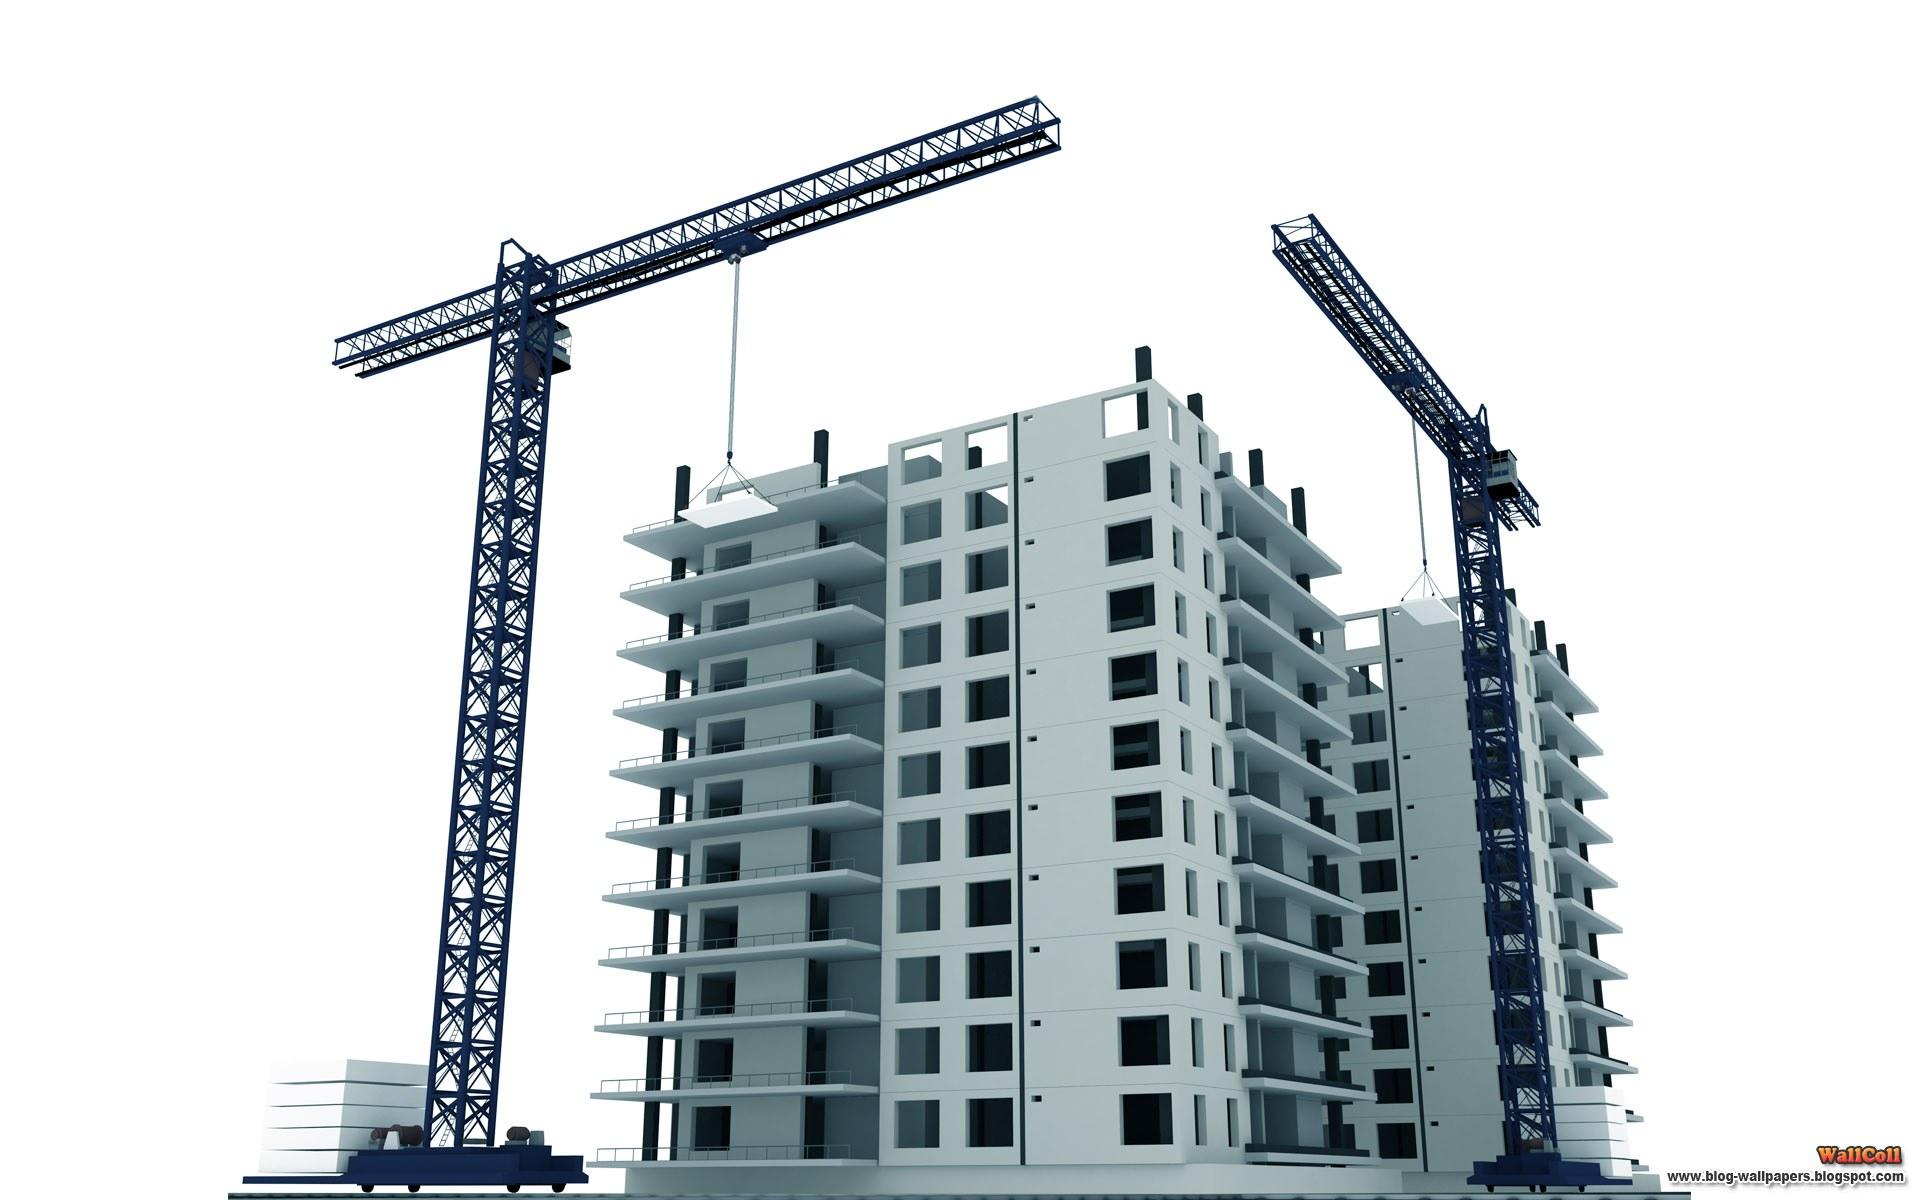 Building construction site clipart clipart black and white Building construction site clipart - ClipartFest clipart black and white